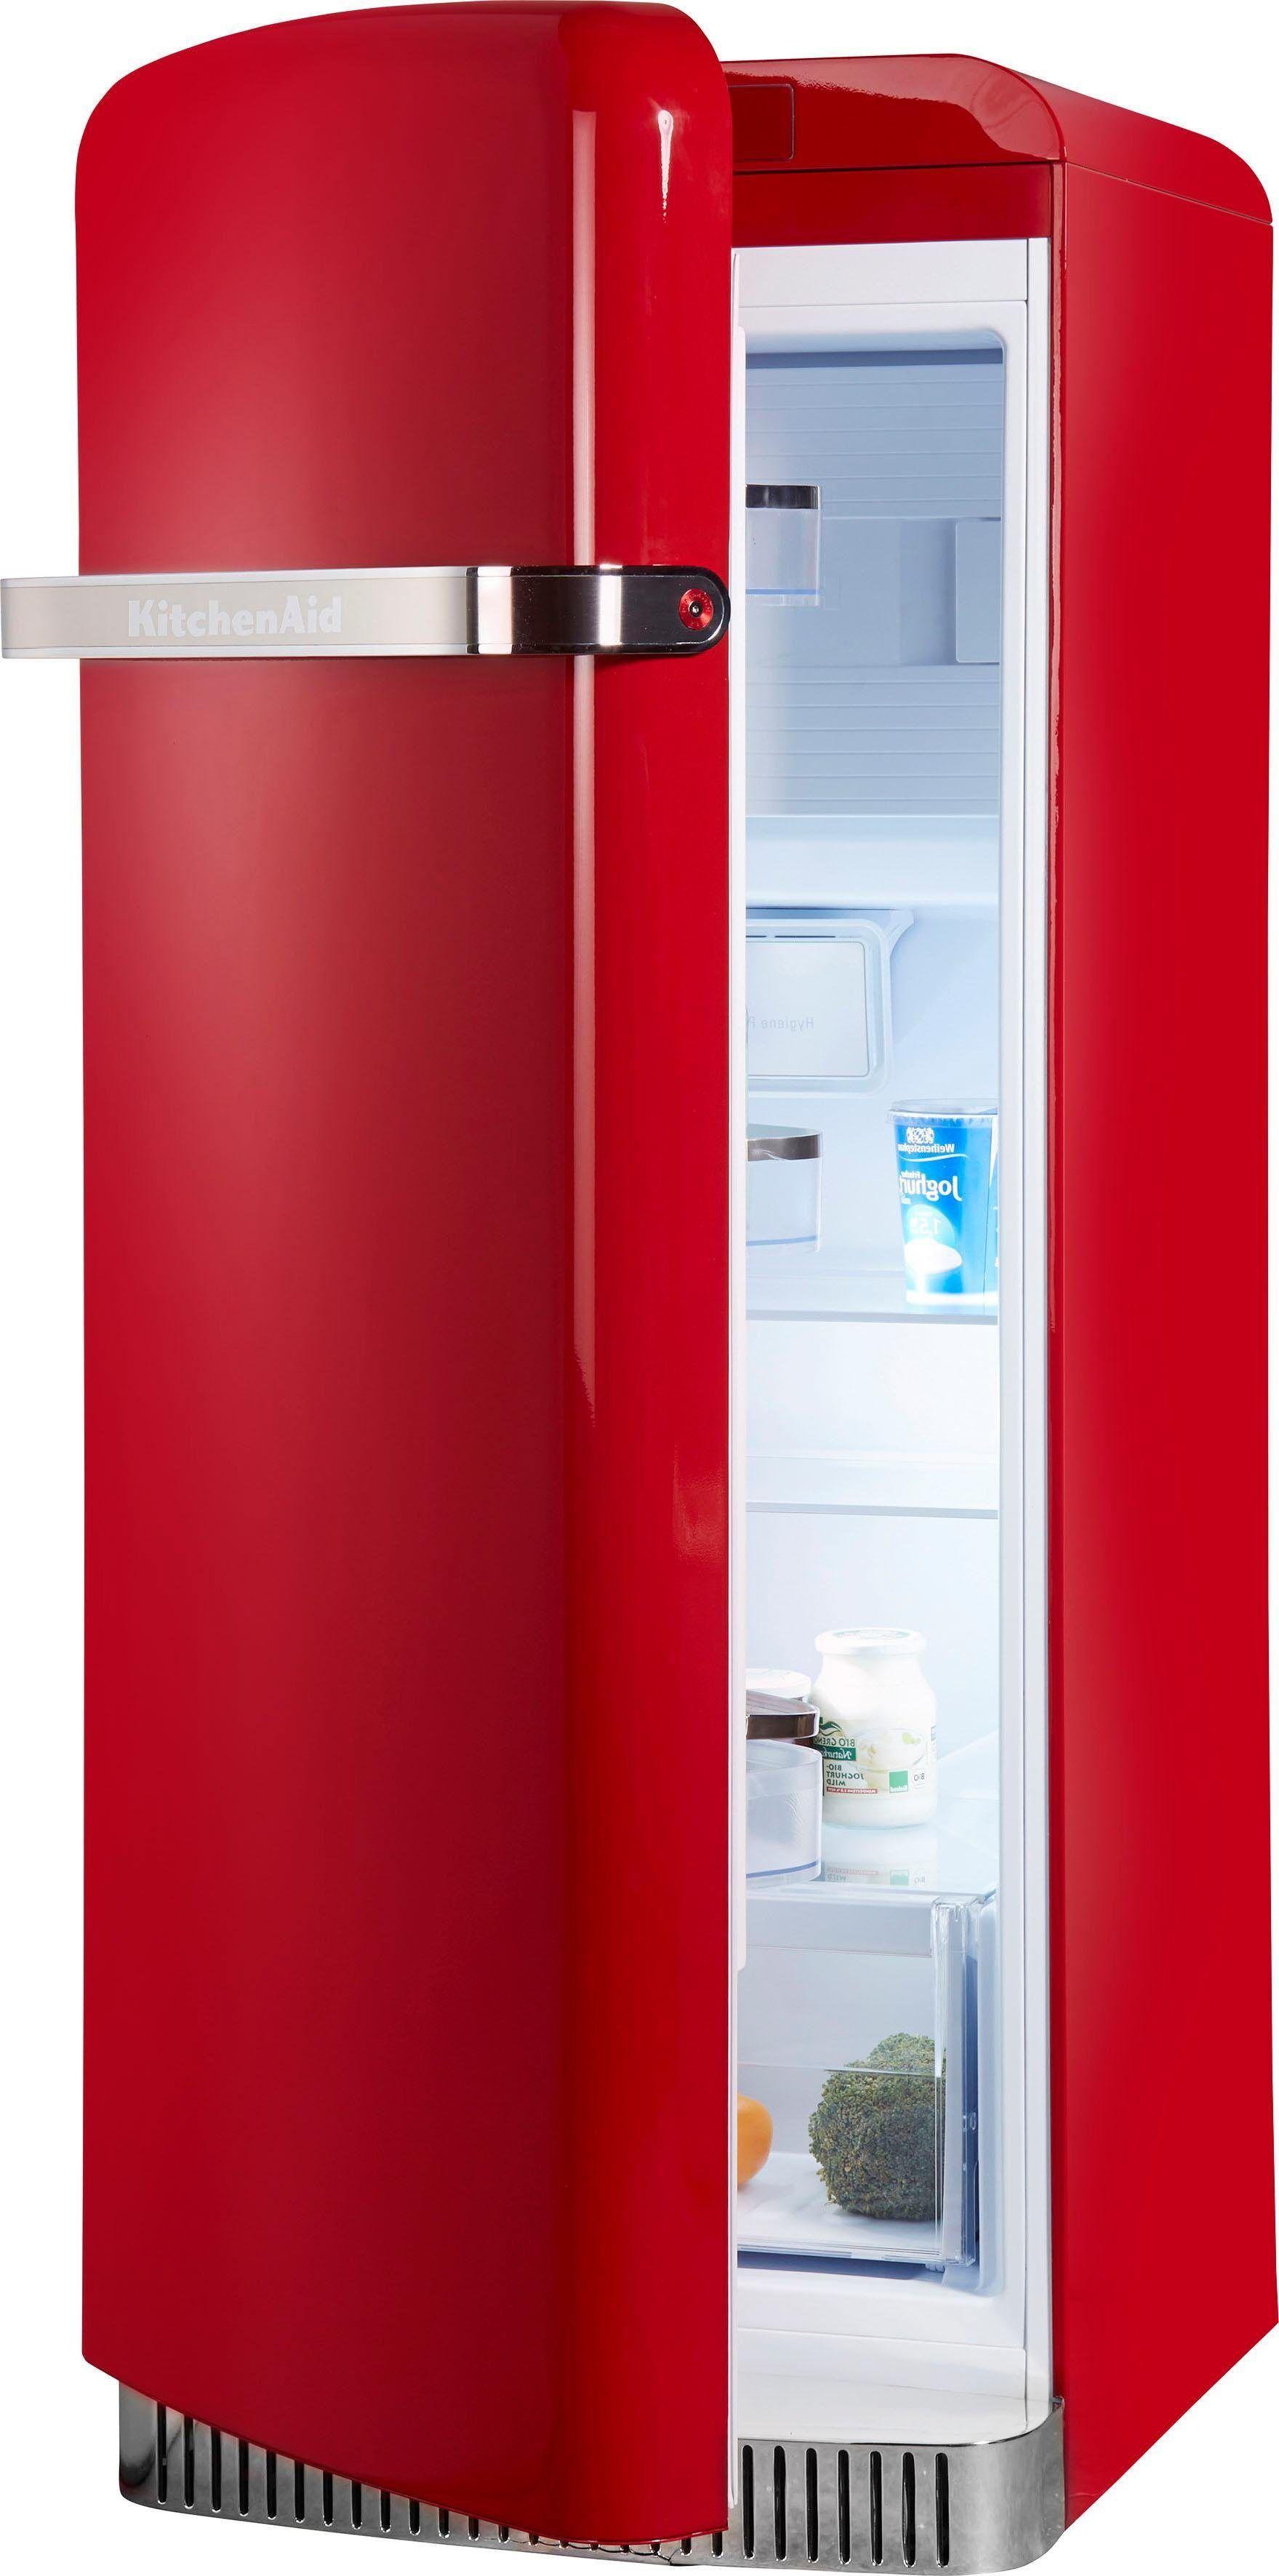 KitchenAid Kühlschrank KCFME 60150L, 155,5 cm hoch, 60,8 cm breit, 155,5 cm hoch, Retro, rot, Energieeffizienzklasse A++